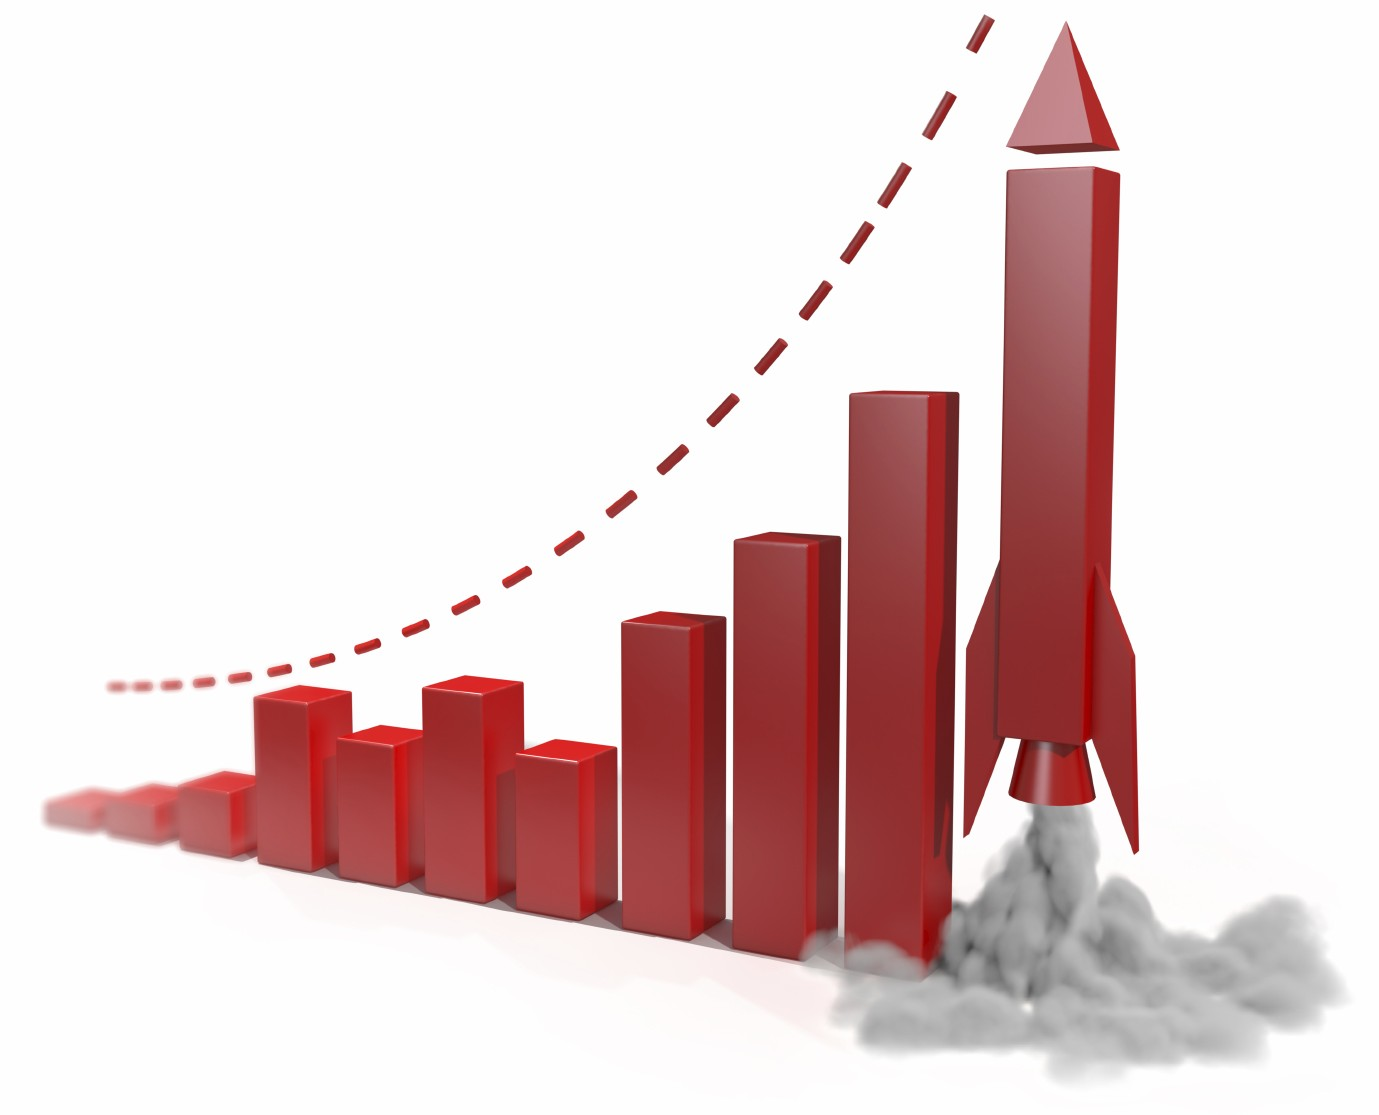 Fórmula de Lançamento funciona? Veja como é possível fazer as vendas de 1 ano em 7 dias